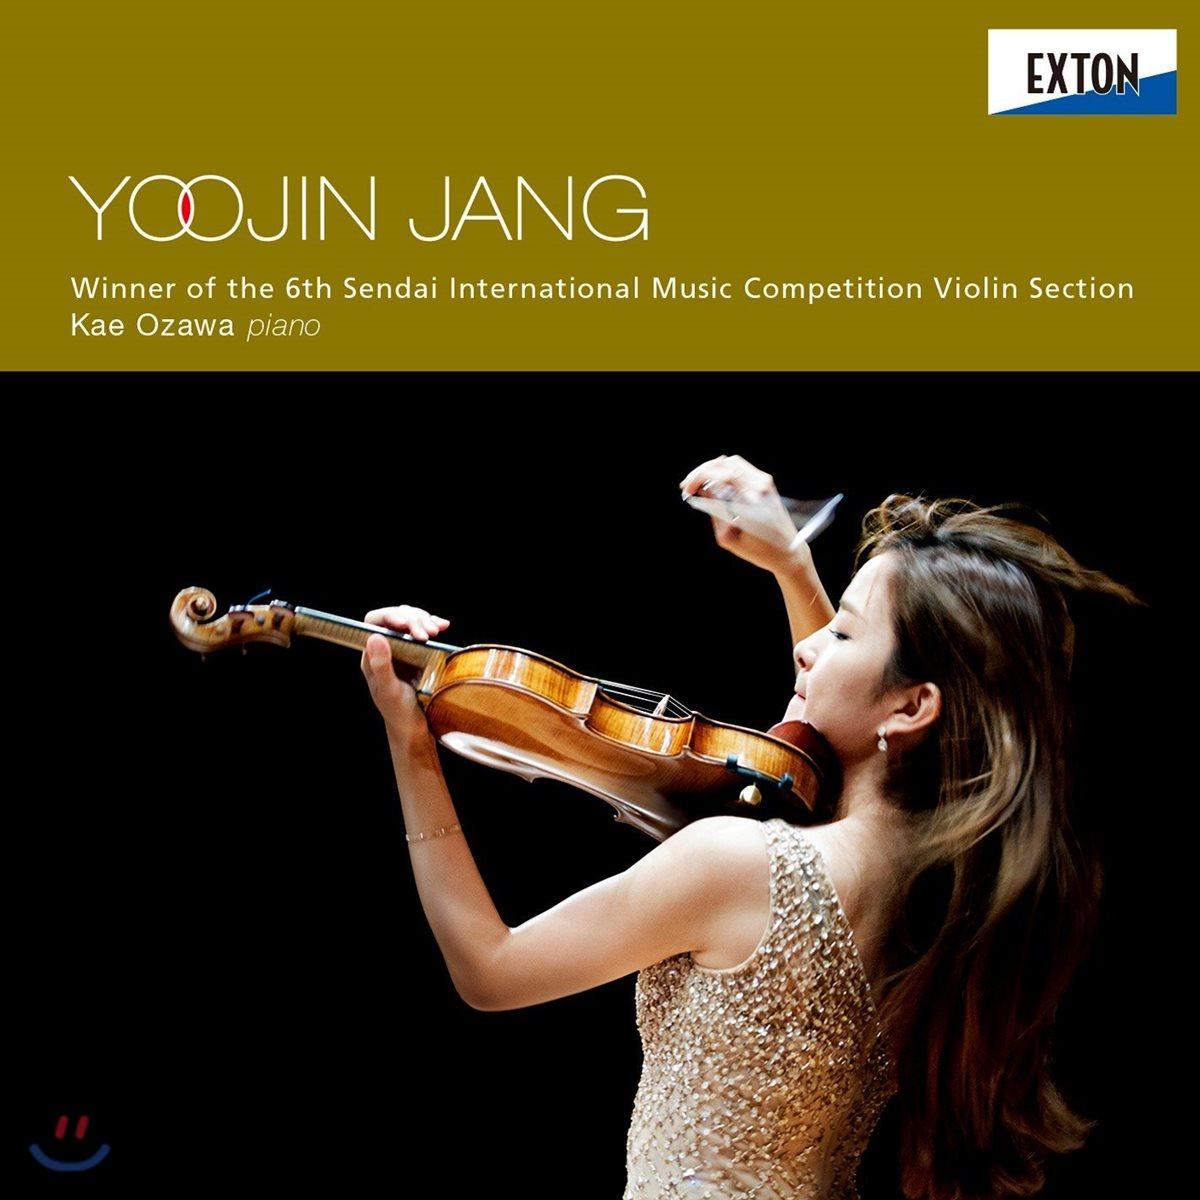 장유진 - 멘델스존 / 그리그: 바이올린 소나타 외 (Mendelssohn / Grieg: Violin Sonatas)